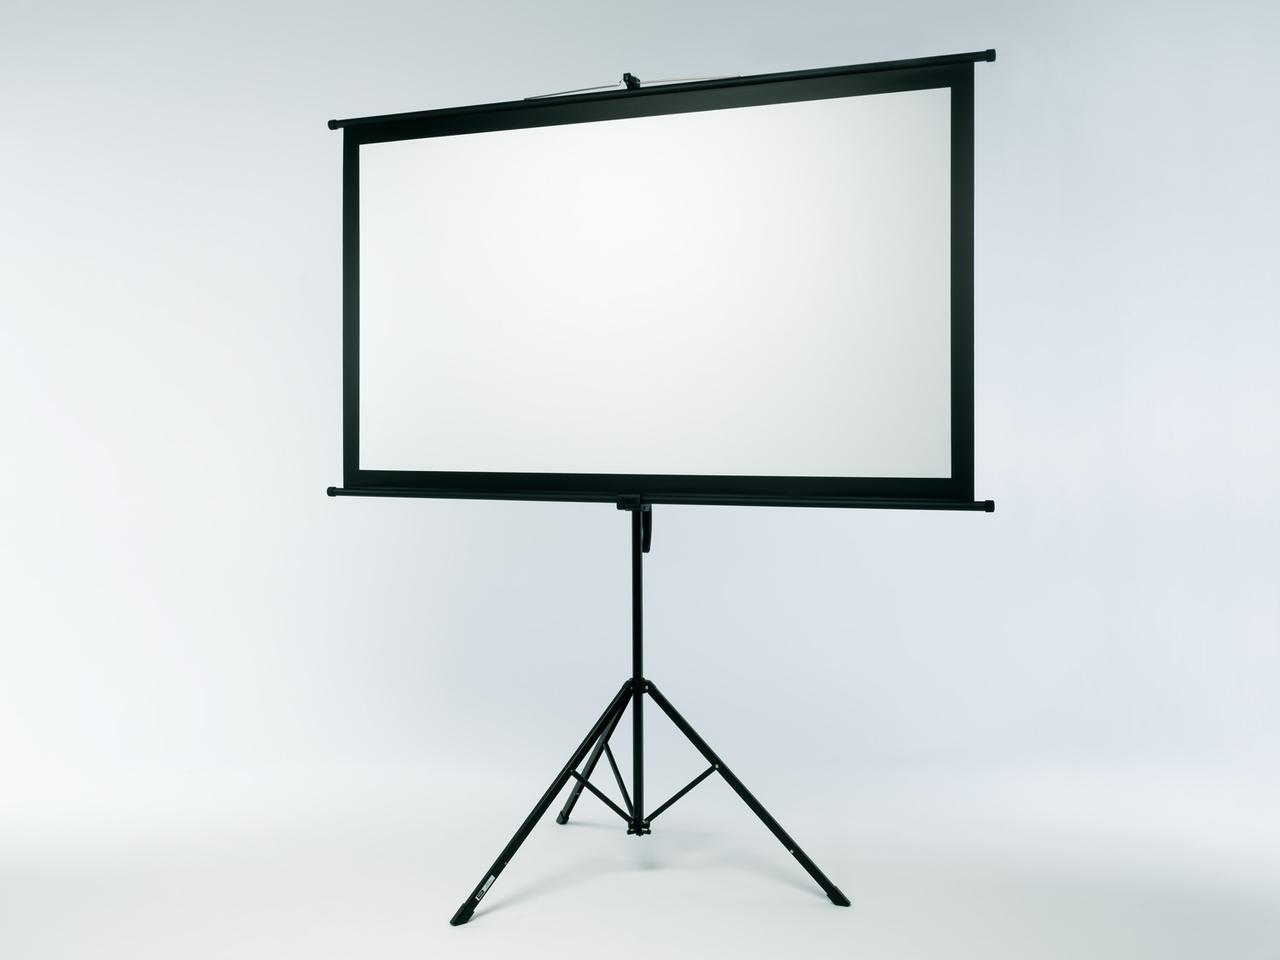 画像1: 感動の大画面映像の鍵。「スクリーン」に注目しよう!KIKUCHI『WAV-70HDC』『SPA-100HDUT』